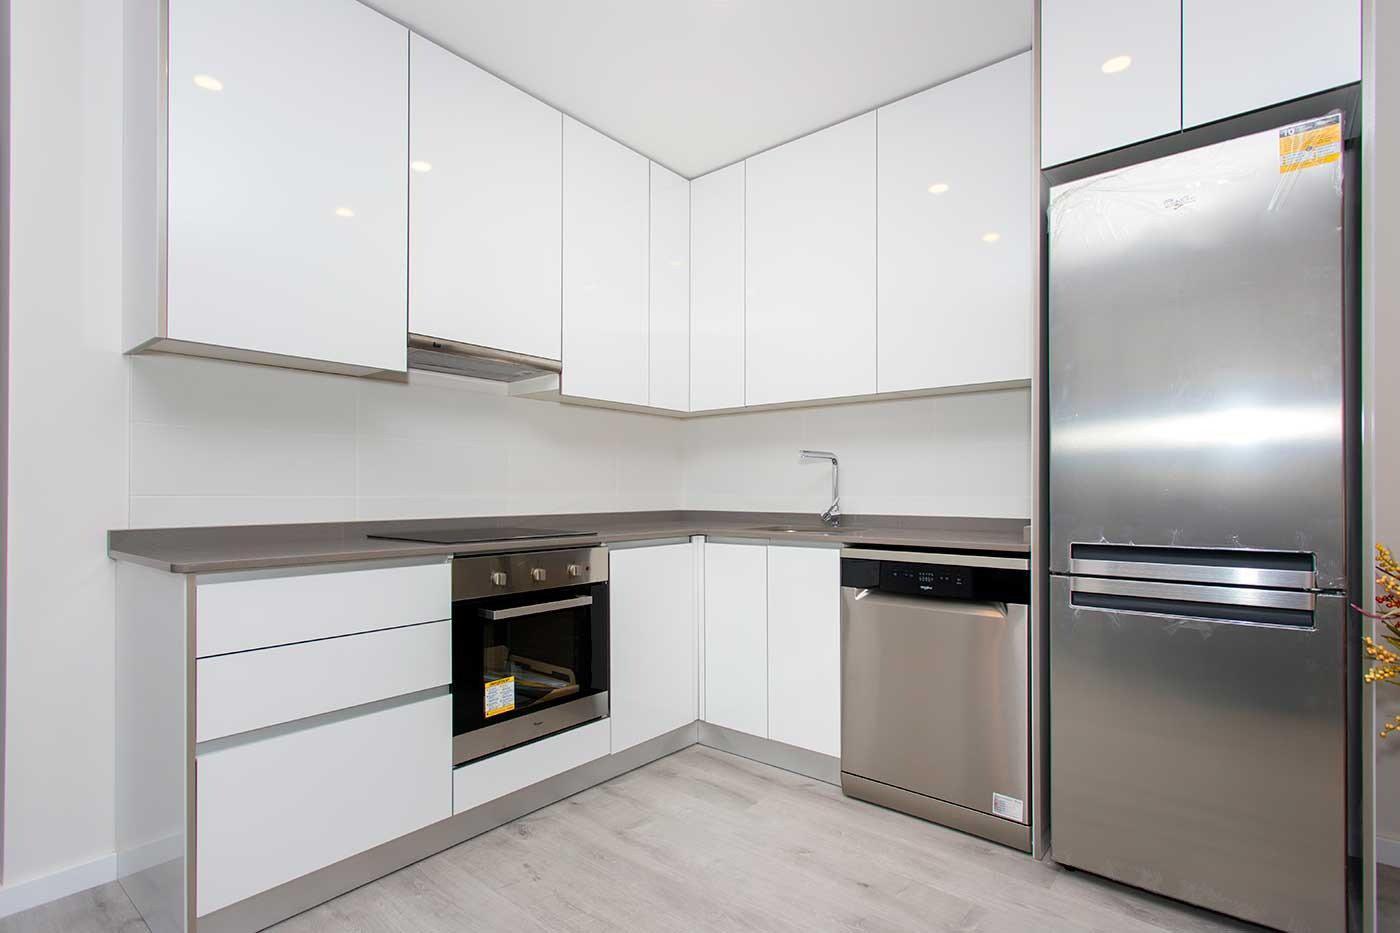 Complejo de estilo moderno con apartamentos de 2,3 dormitorios y 2 baños con amplias terra - imagenInmueble28